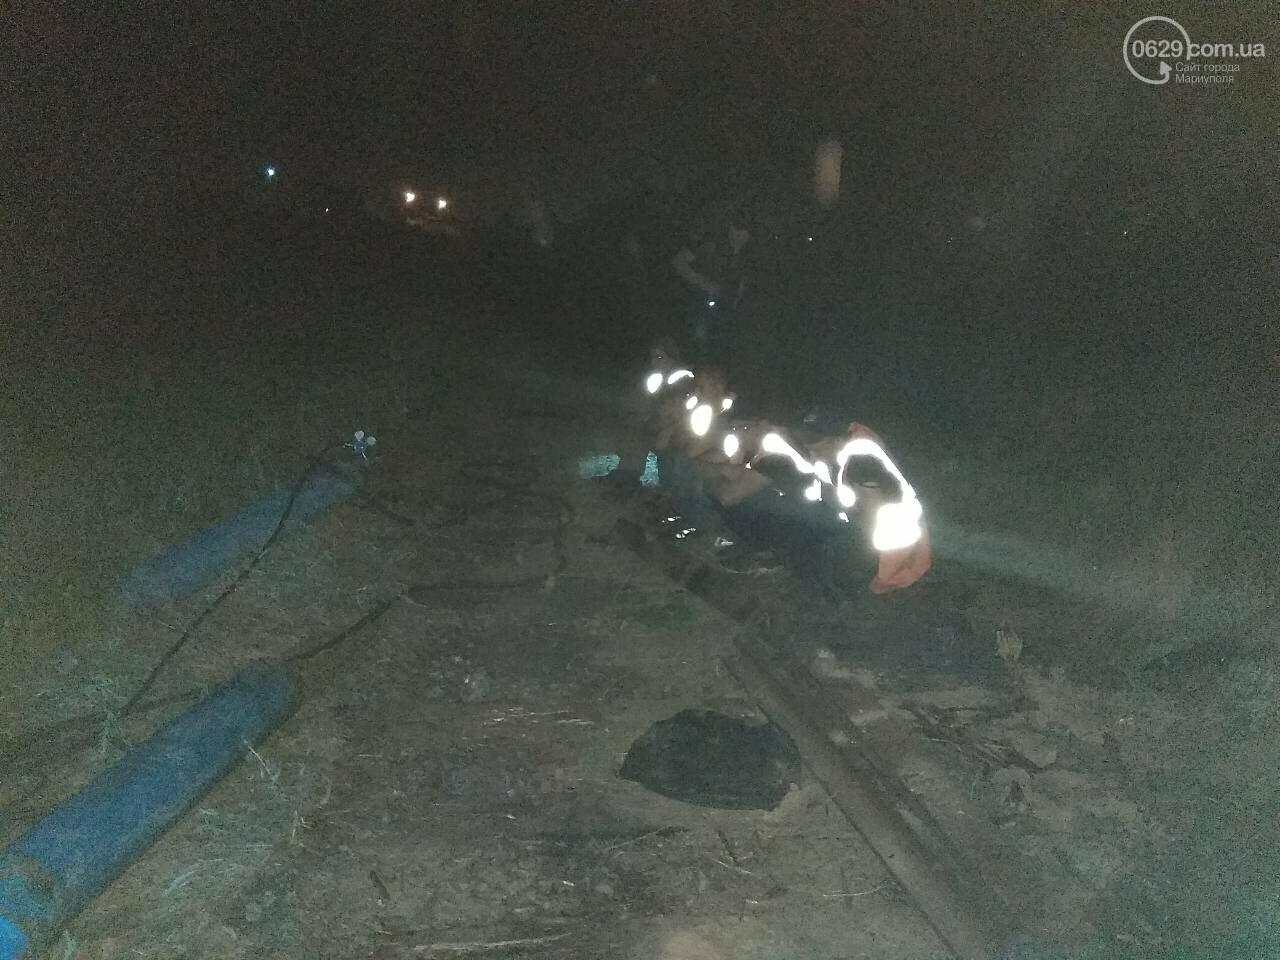 В Мариуполе сотрудники охранного предприятия задержали воров при попытке разобрать железнодорожное полотно, - ФОТО, фото-3